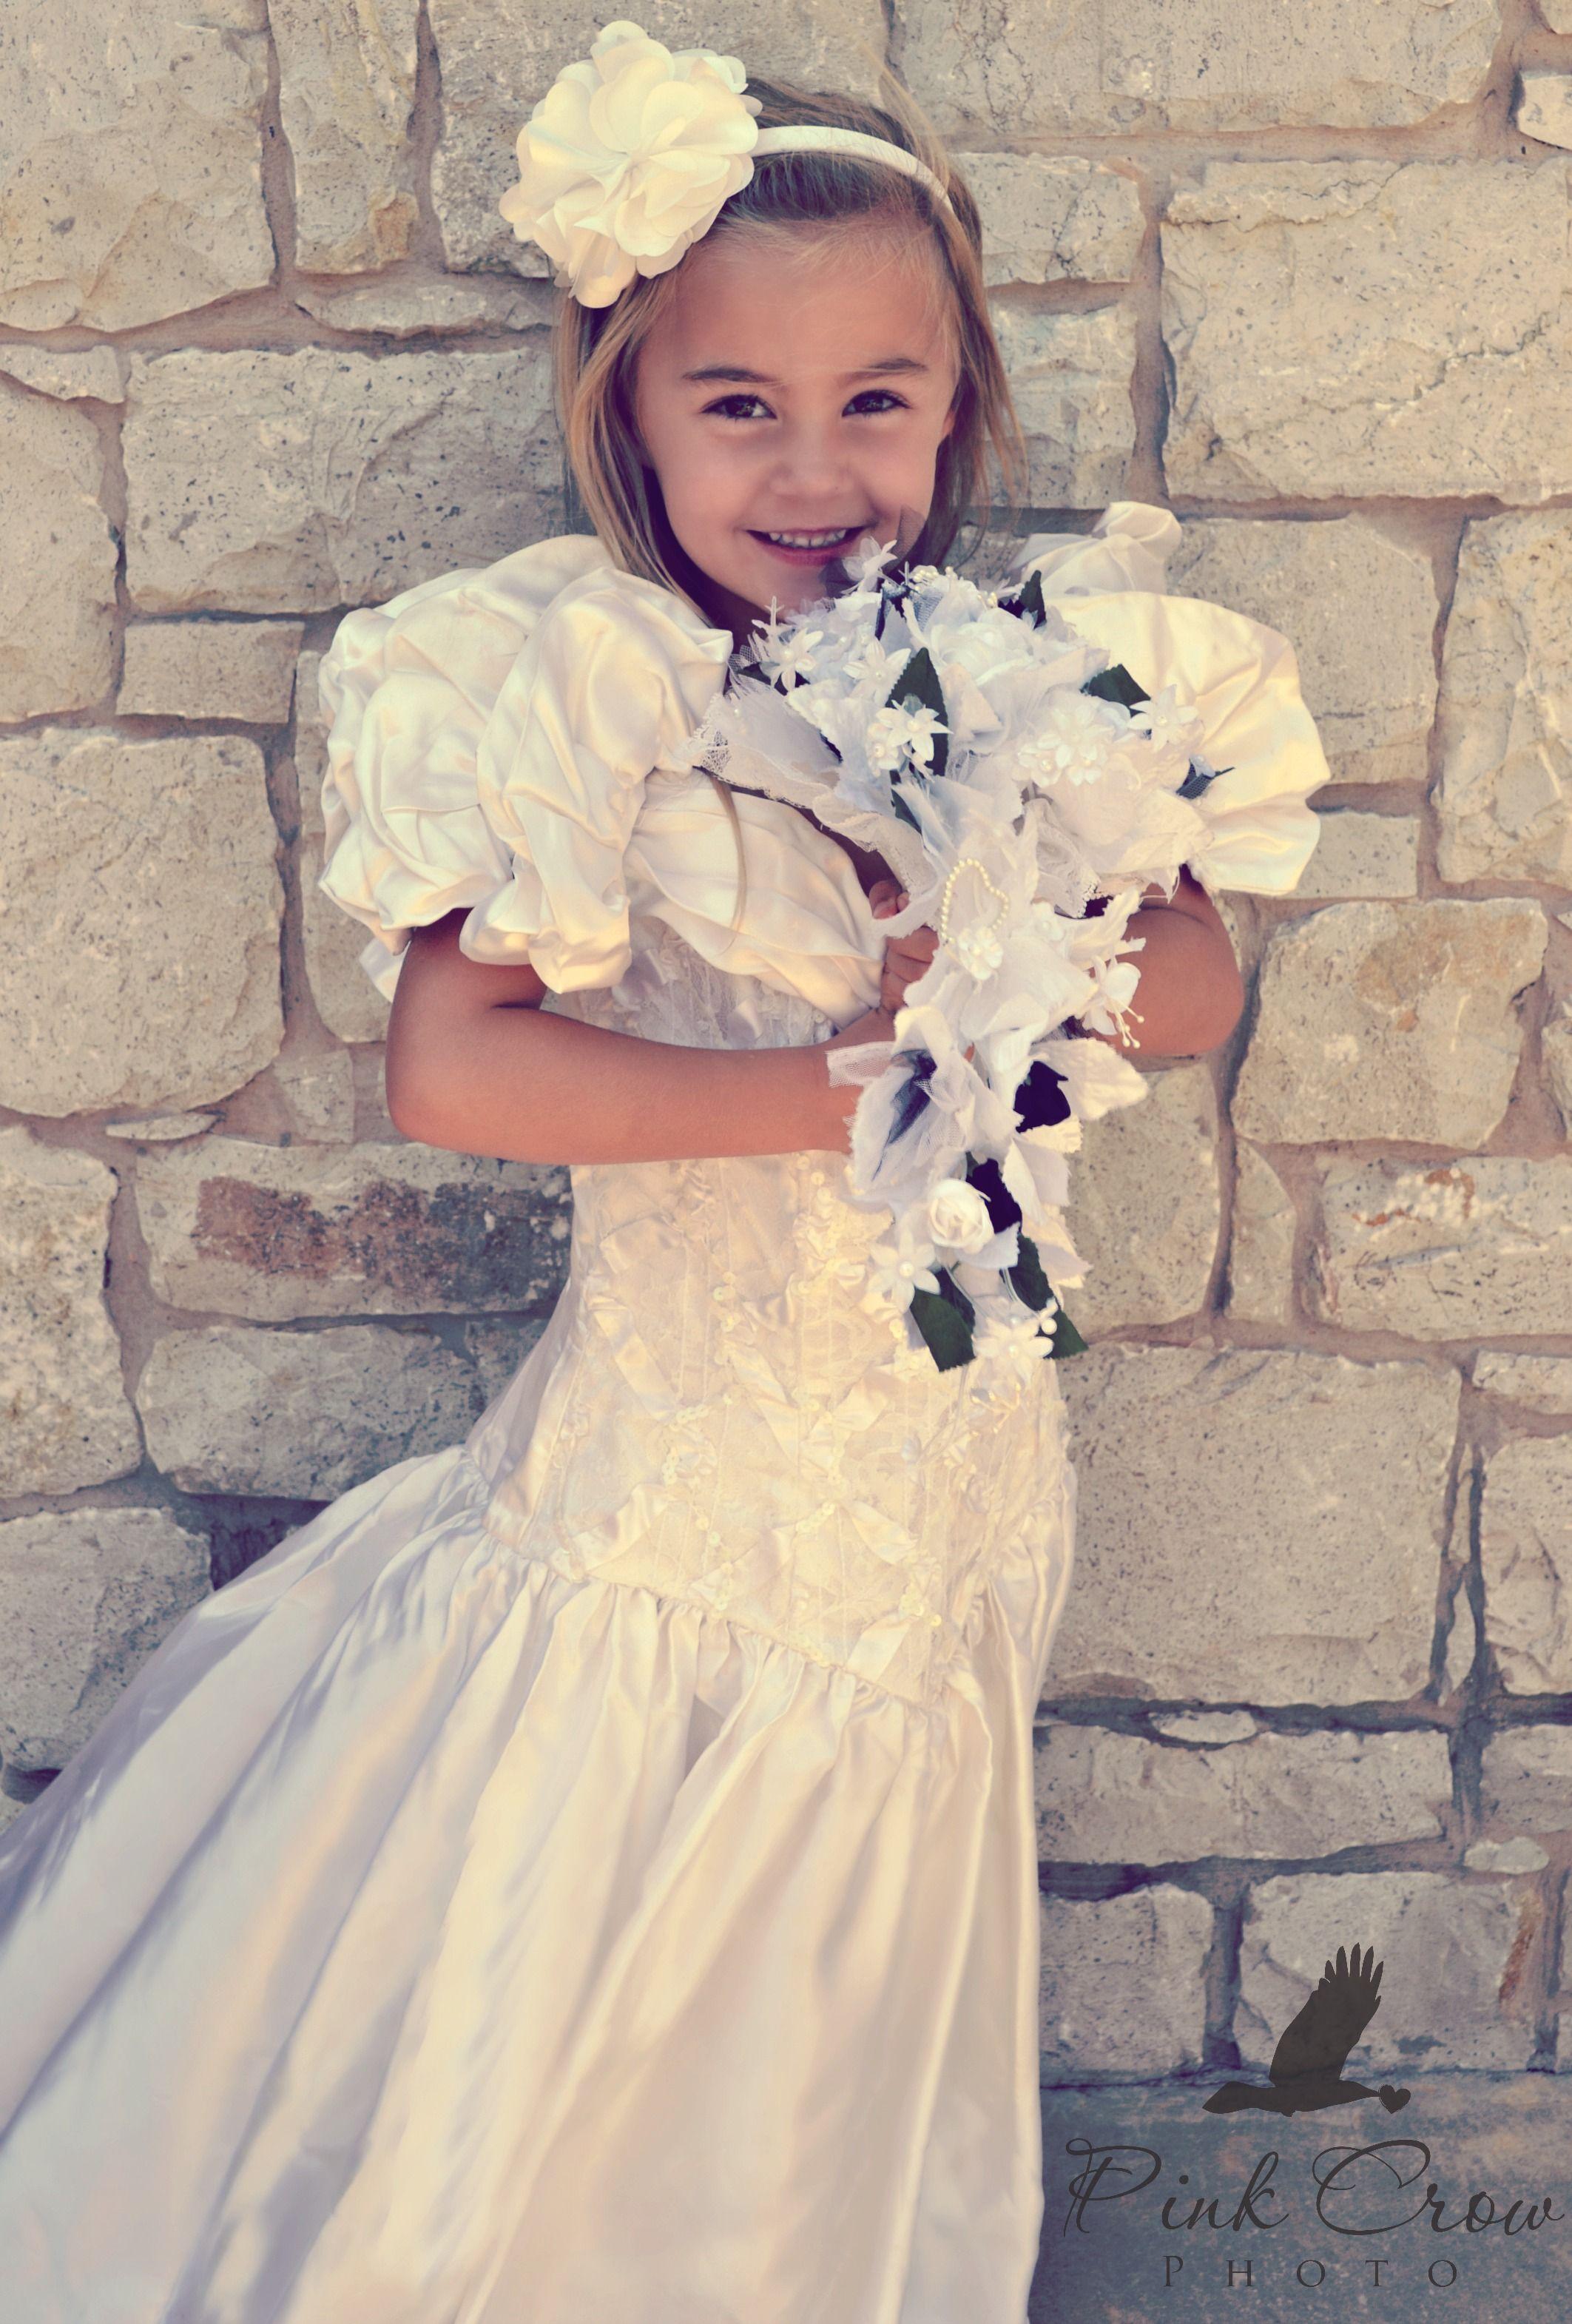 little girl in moms wedding dress hot girls wallpaper With little girl in wedding dress pinterest